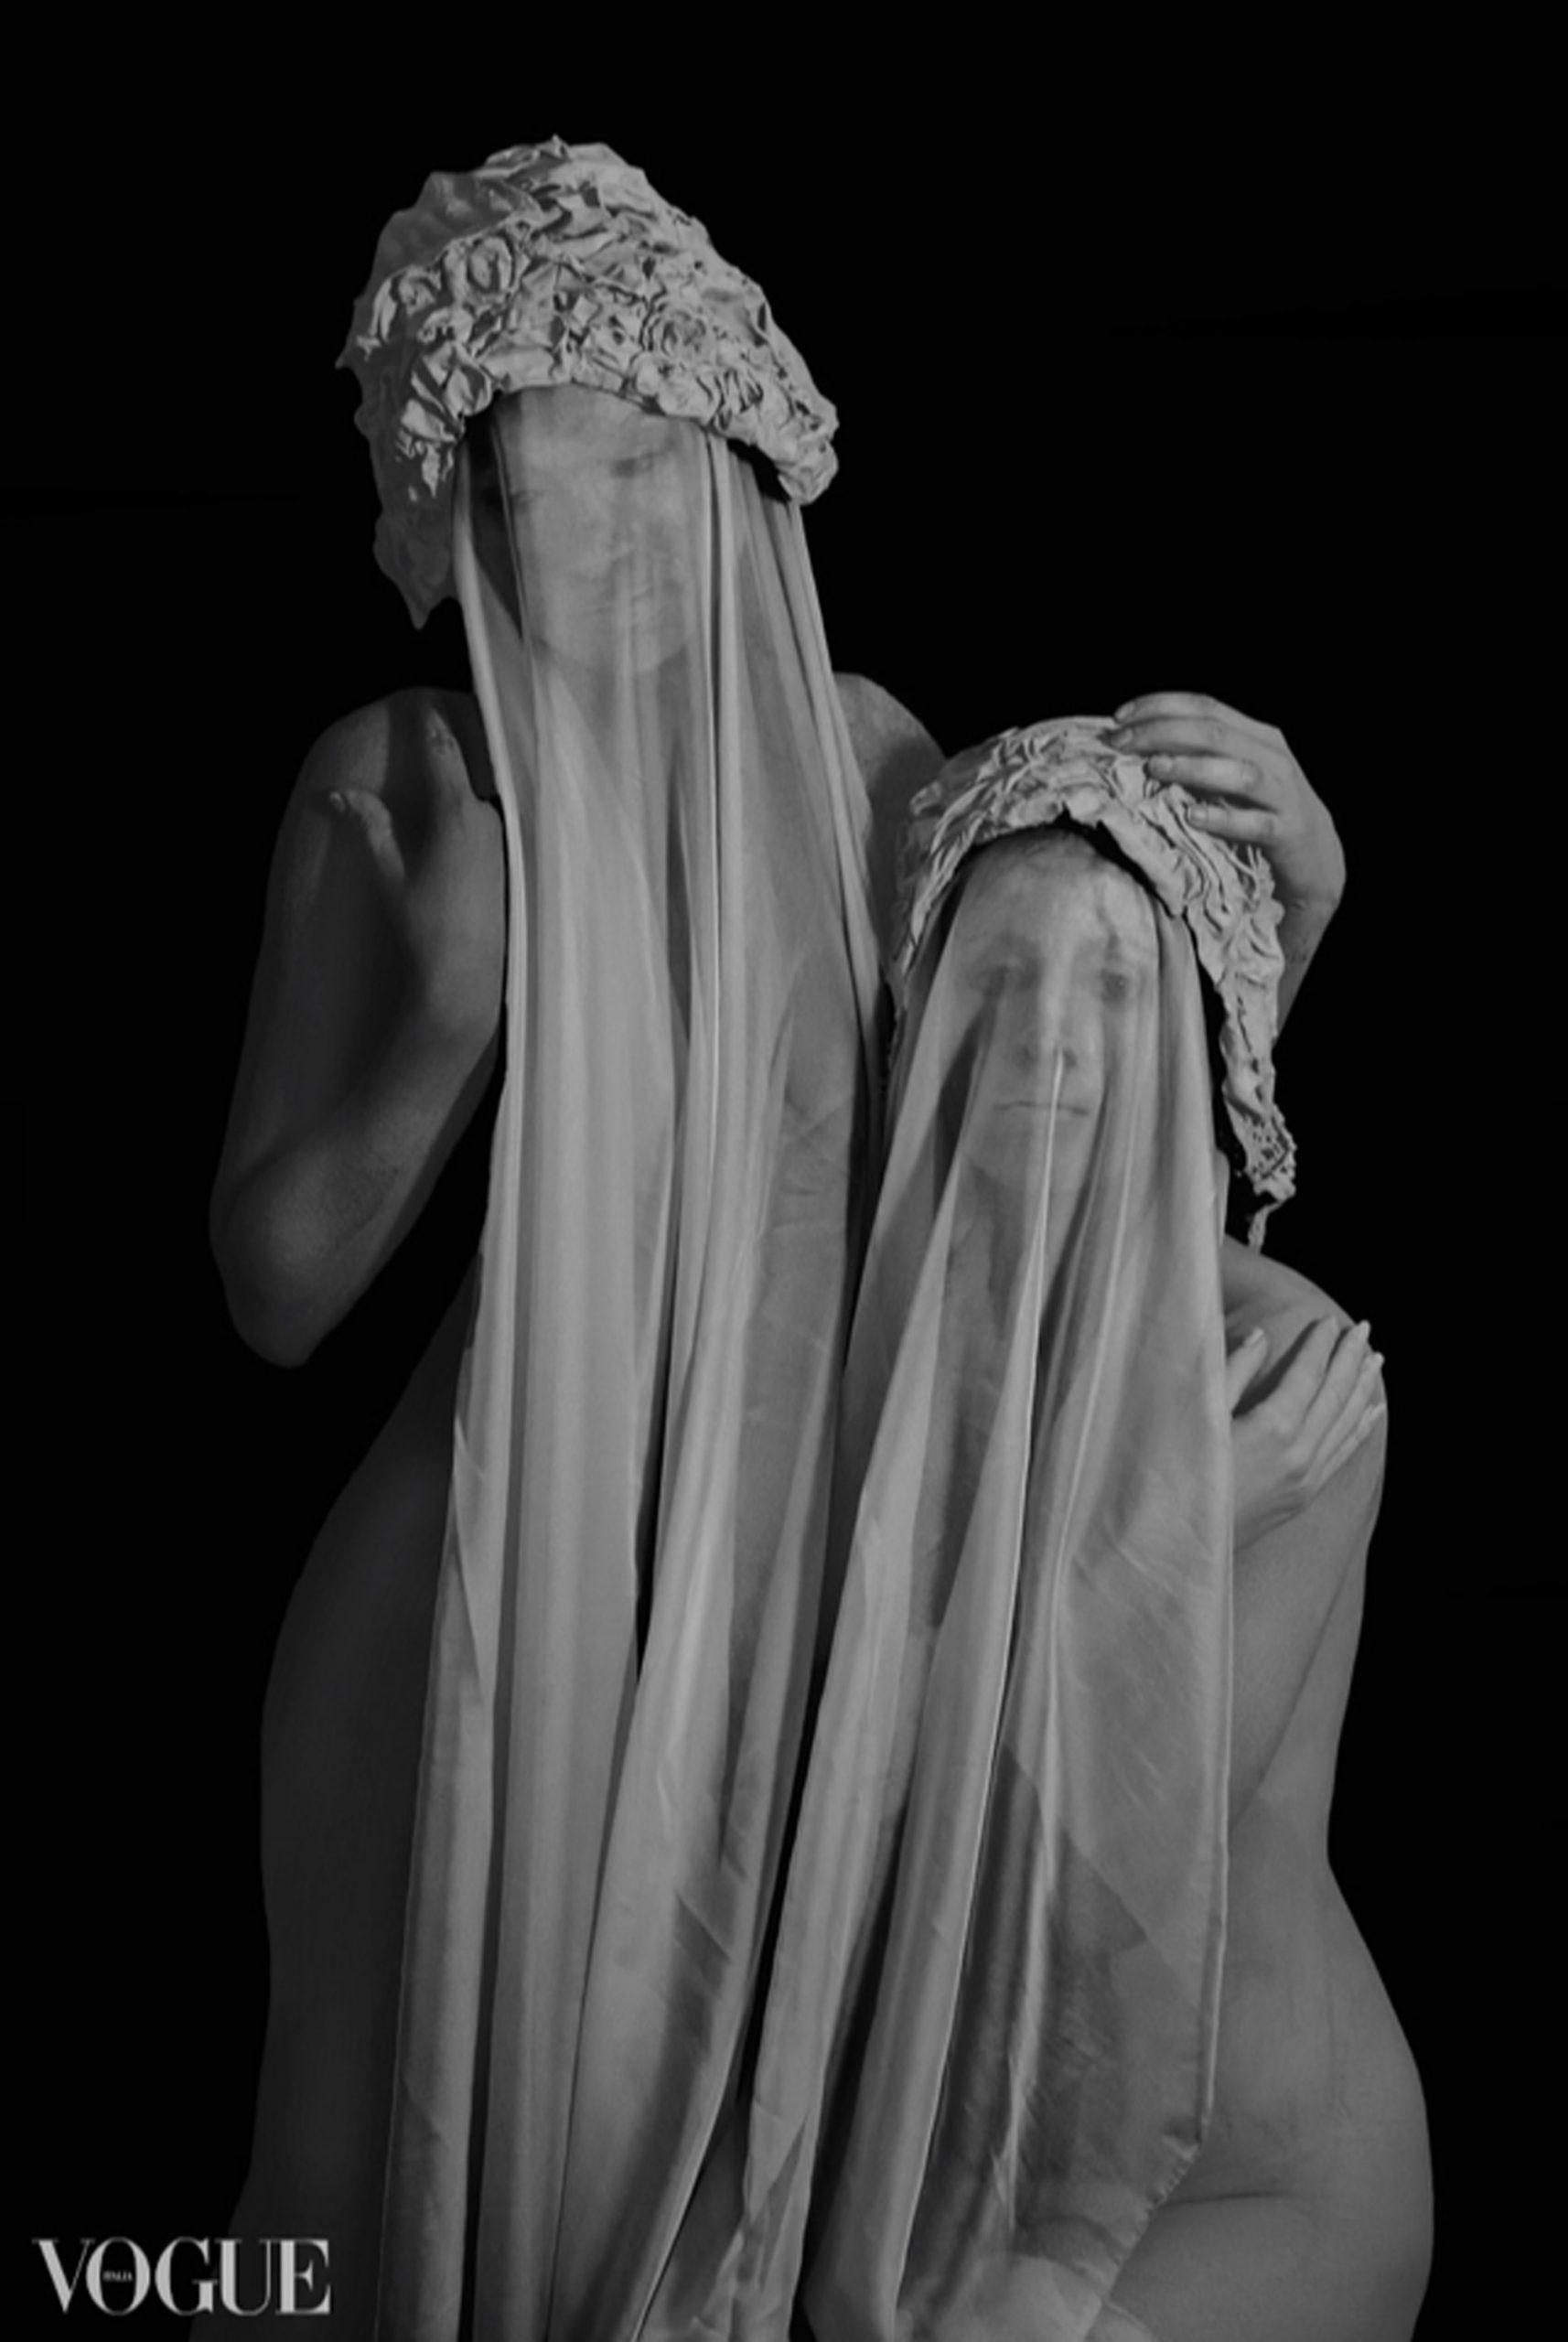 Categorie: Boudoir & Nude, Fine Art, Photographer: ROSY CARLETTI; Models: ENRICA COZZOLOTTO e LAURA PAGLIANI; Location: Verona, VR, Italia